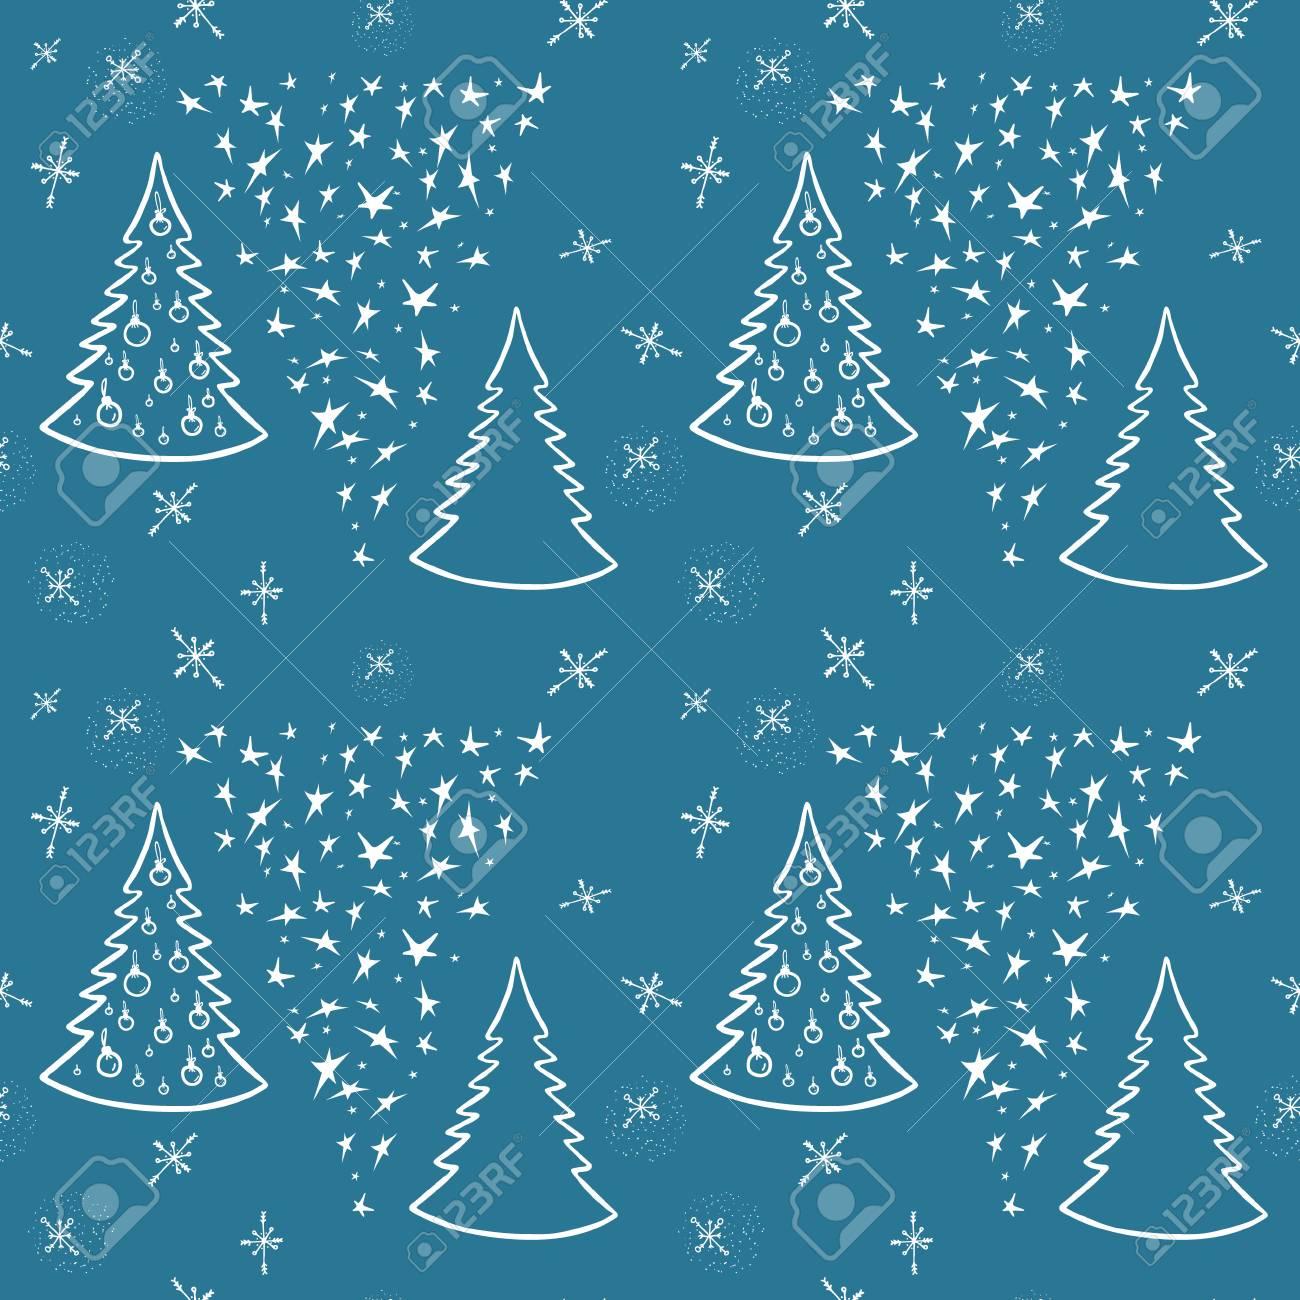 クリスマスの背景 星とクリスマス ツリー 包装紙 壁紙用イラスト 季節の挨拶 手書き書道です シームレス パターン のイラスト素材 ベクタ Image